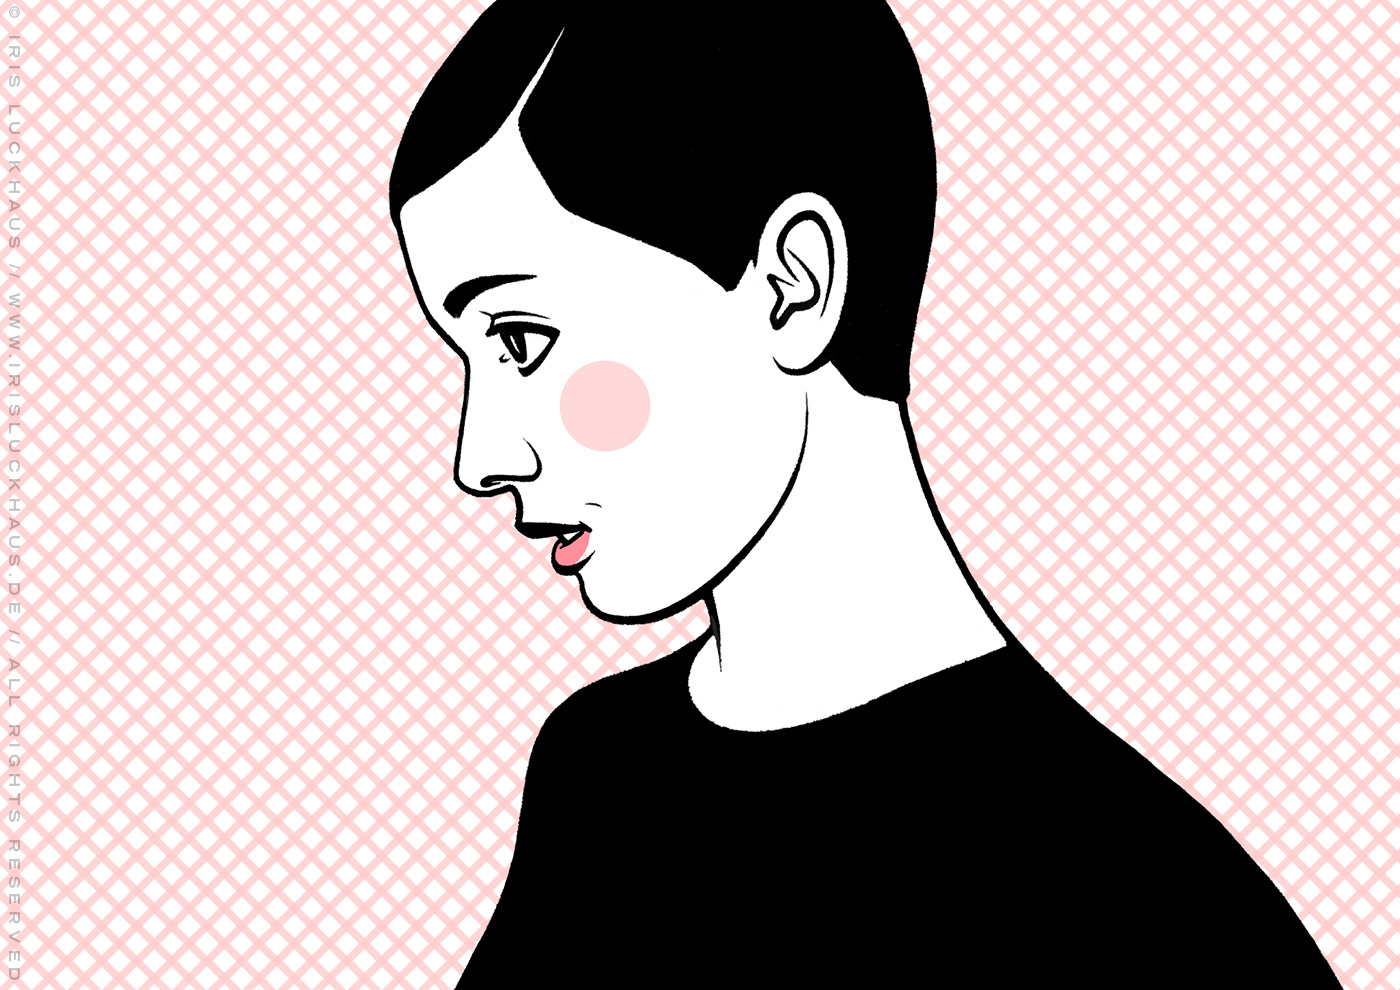 Comic Popart Retro Tusche Zeichnung mit Portraits von Heldinnen der Sixties wie Audrey Hepburn